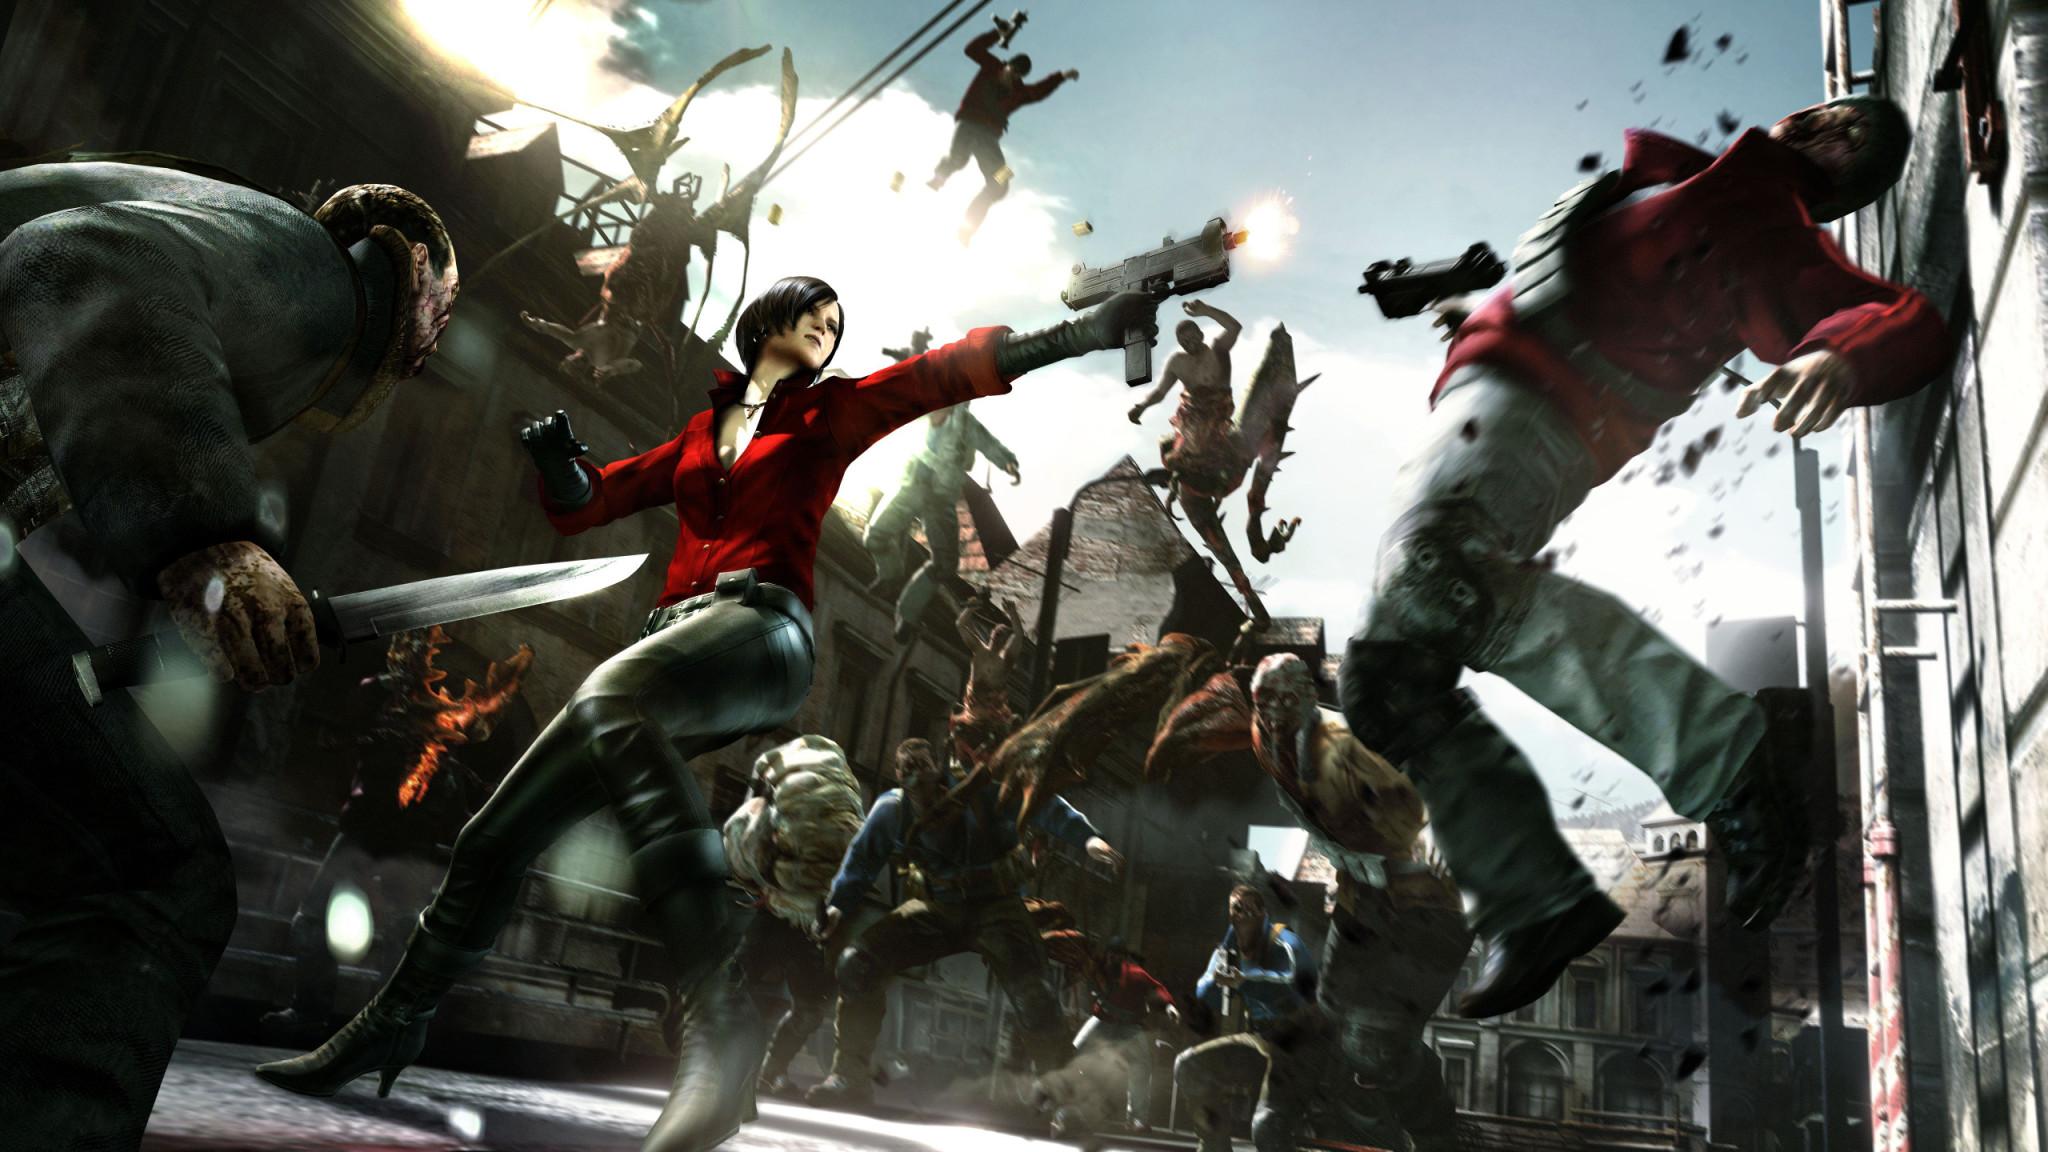 Resident-Evil-6-Wallpaper-HD-Ada-Wong